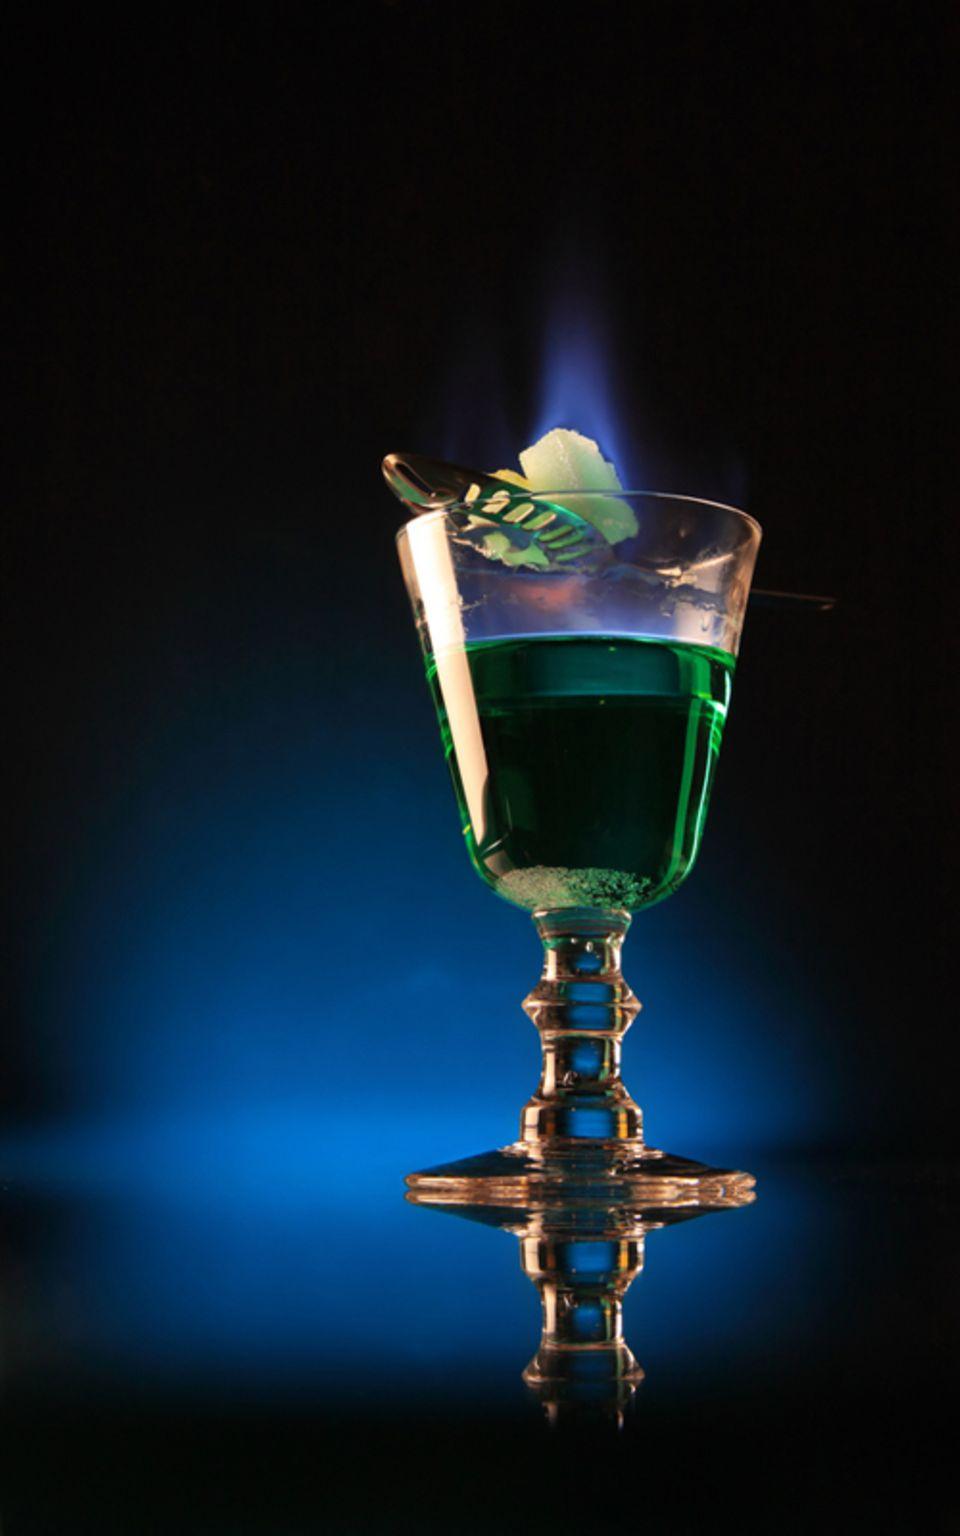 Bei der tschechischen Methode wird ein Absinthgetränkter Zuckerwürfel auf einen speziellen Löffel gelegt und über dem Glas angezündet.